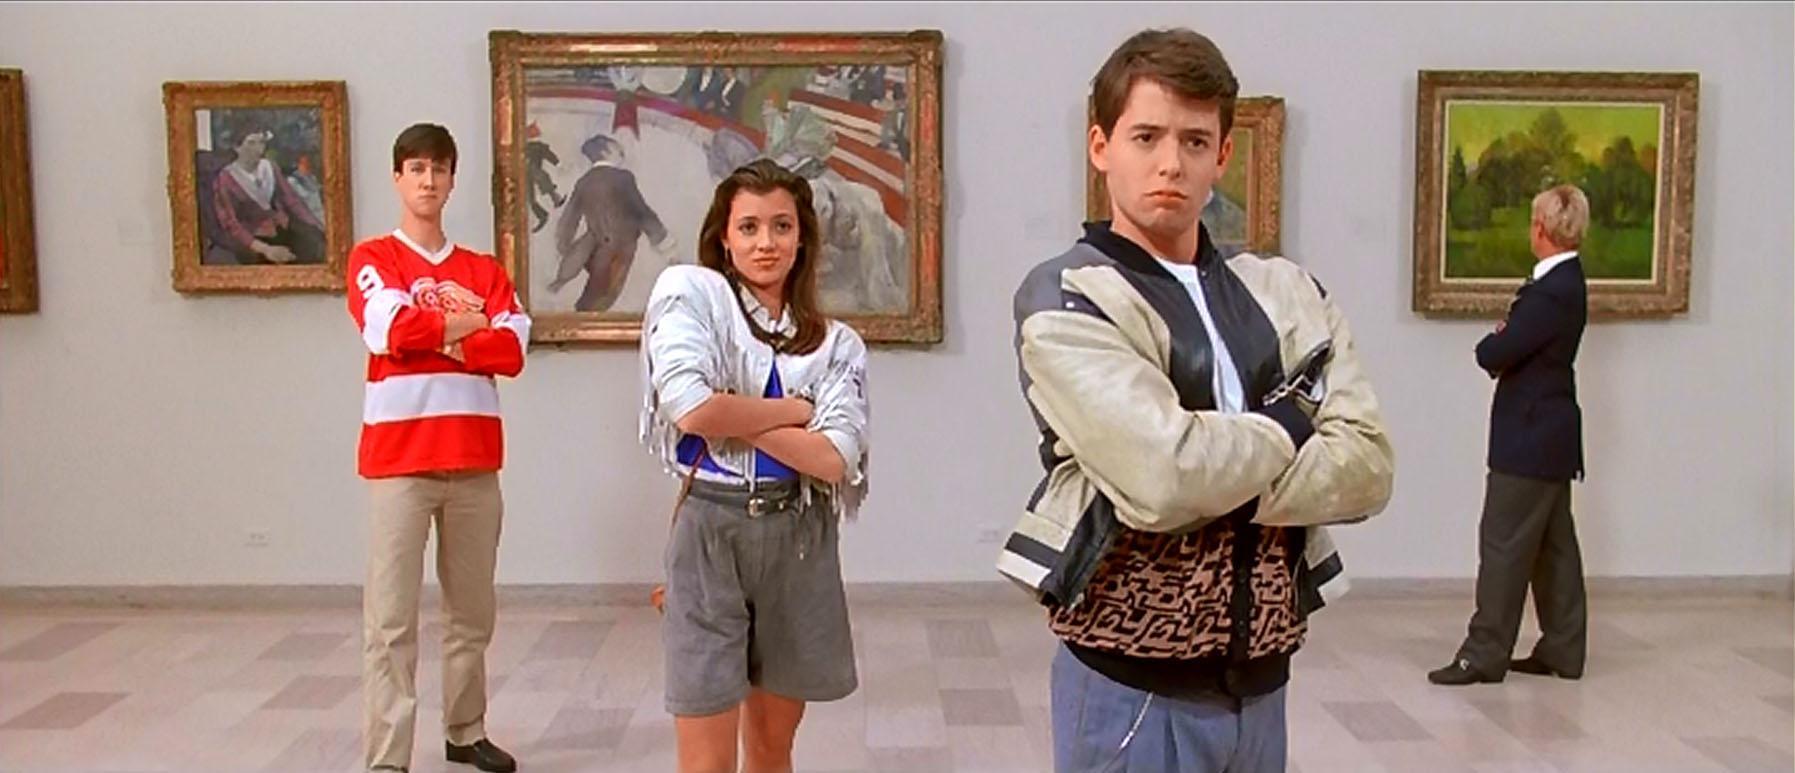 La Folle journée de Ferris Bueller : «Life moves pretty fast…»